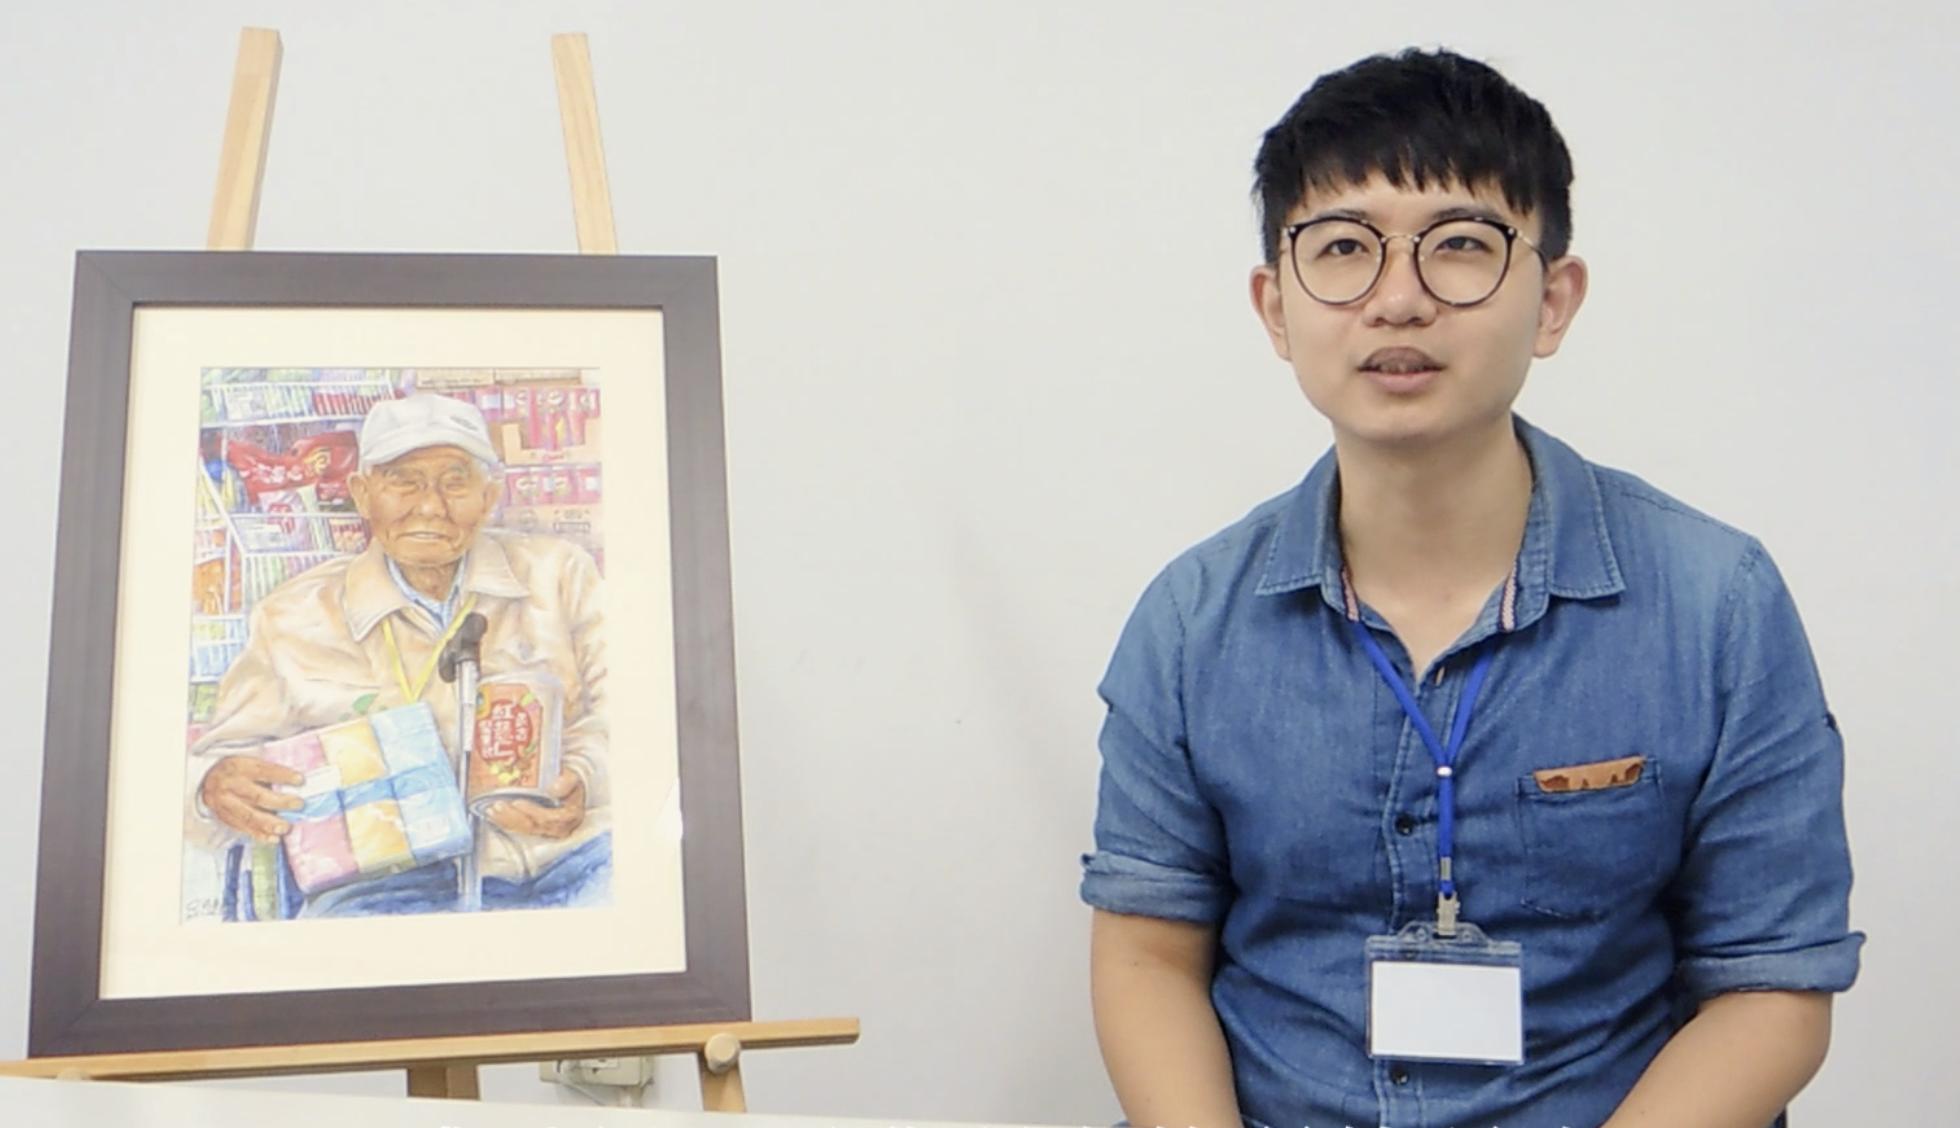 《從看見,去改變》藝術家 蘇慶峰篇